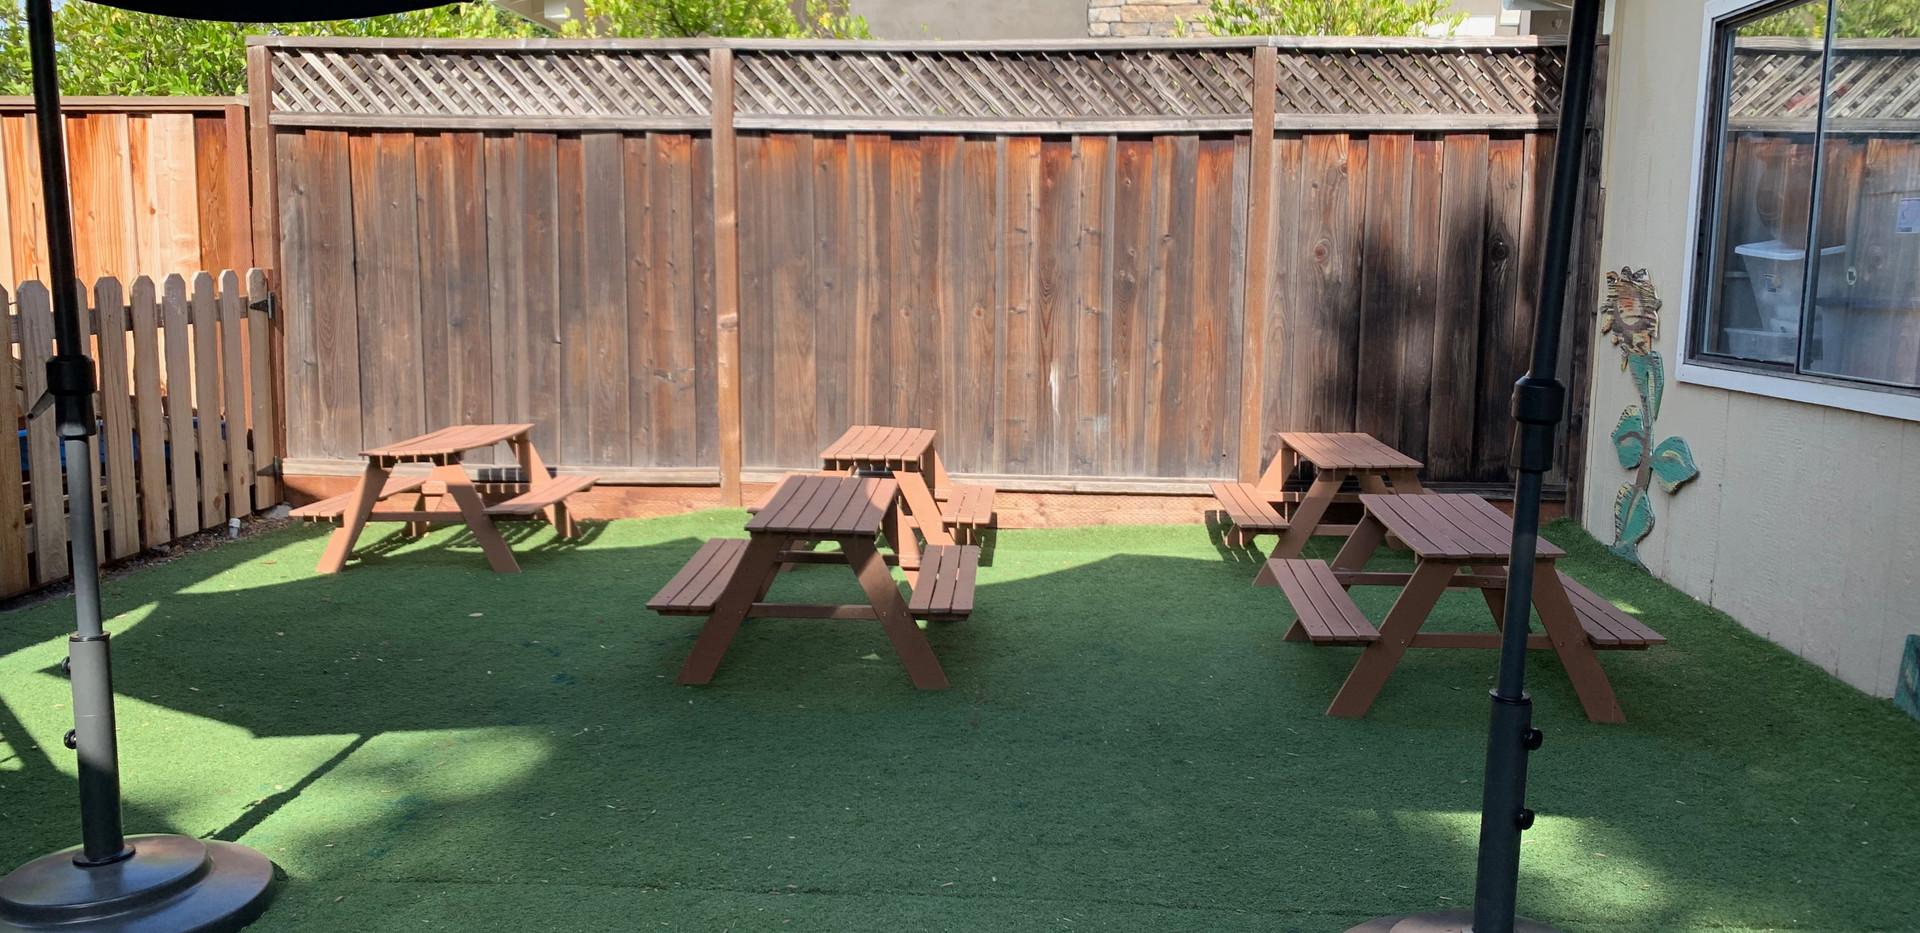 grass picnic area